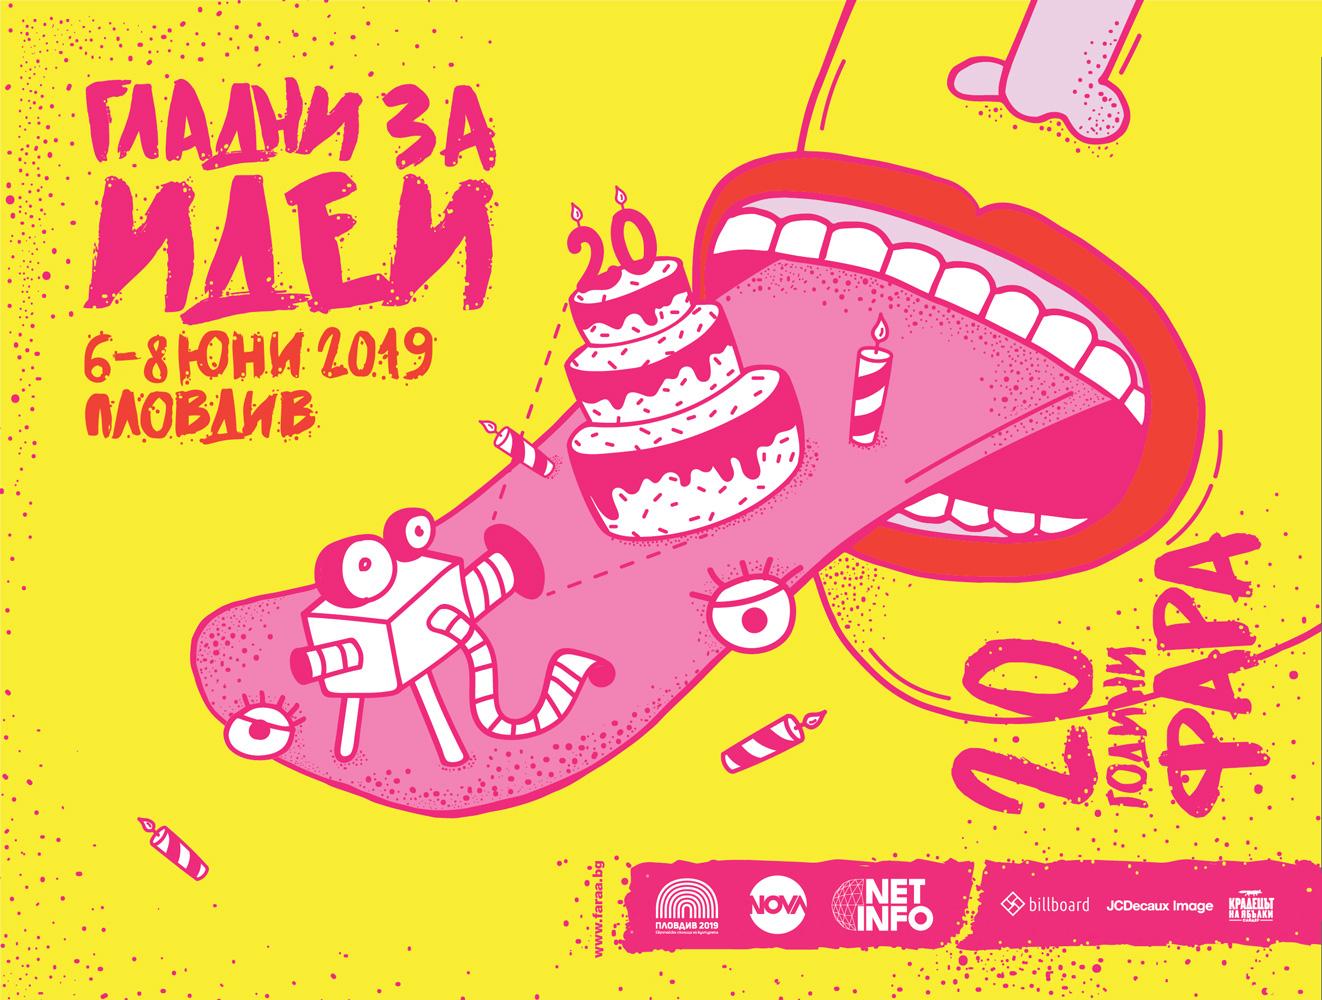 Стартира най-големият рекламен фестивал в България - ФАРА